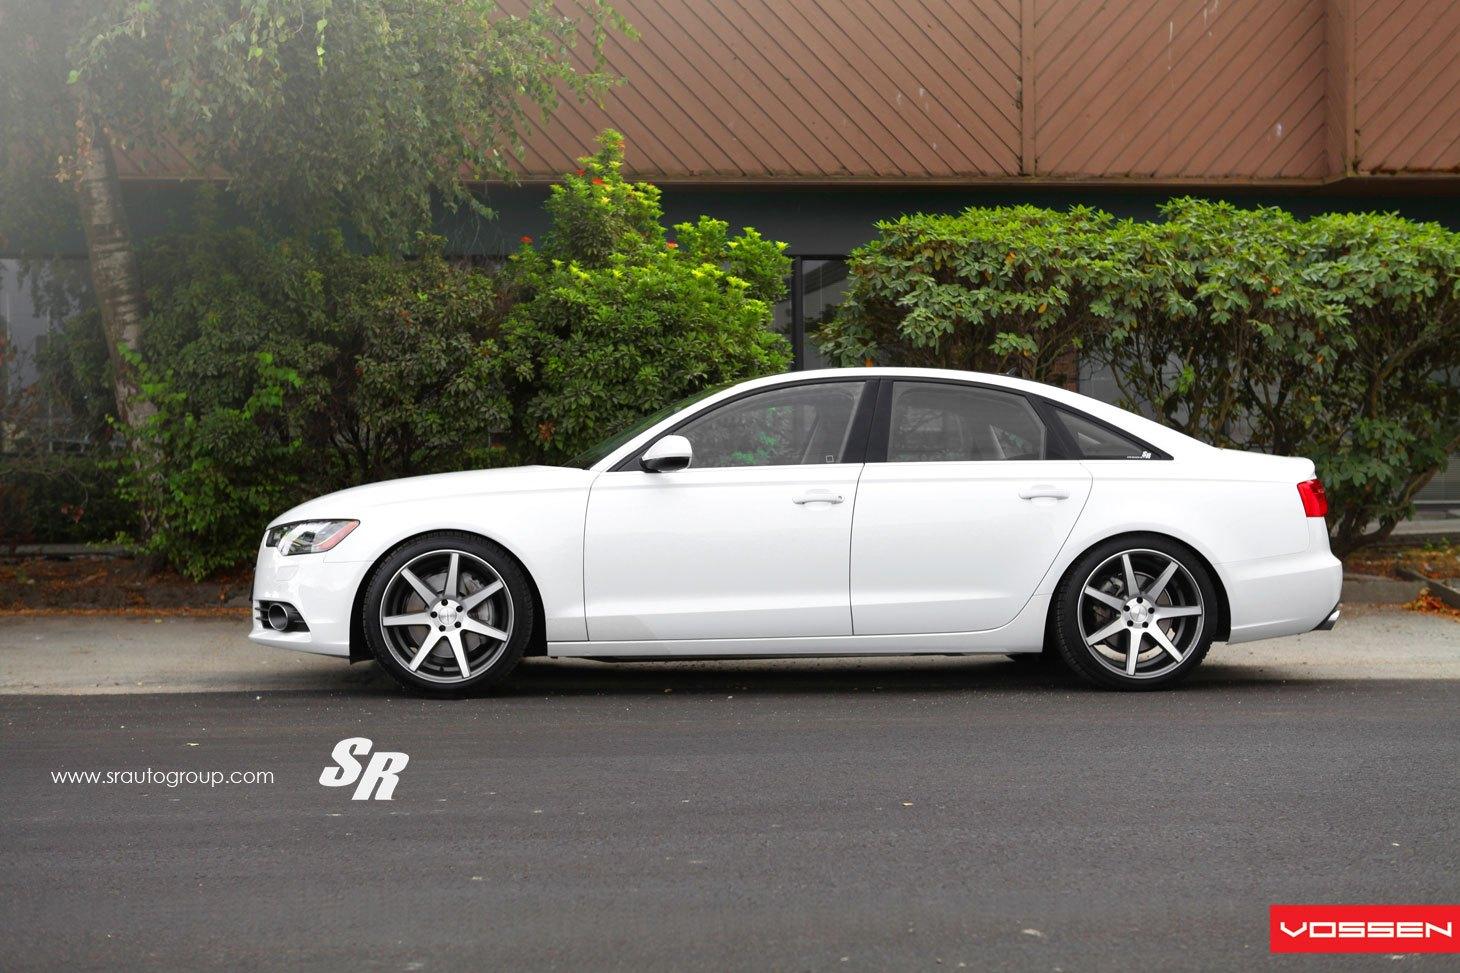 Chrome CV Vossen Rims On White Audi A6   Photo By Vossen